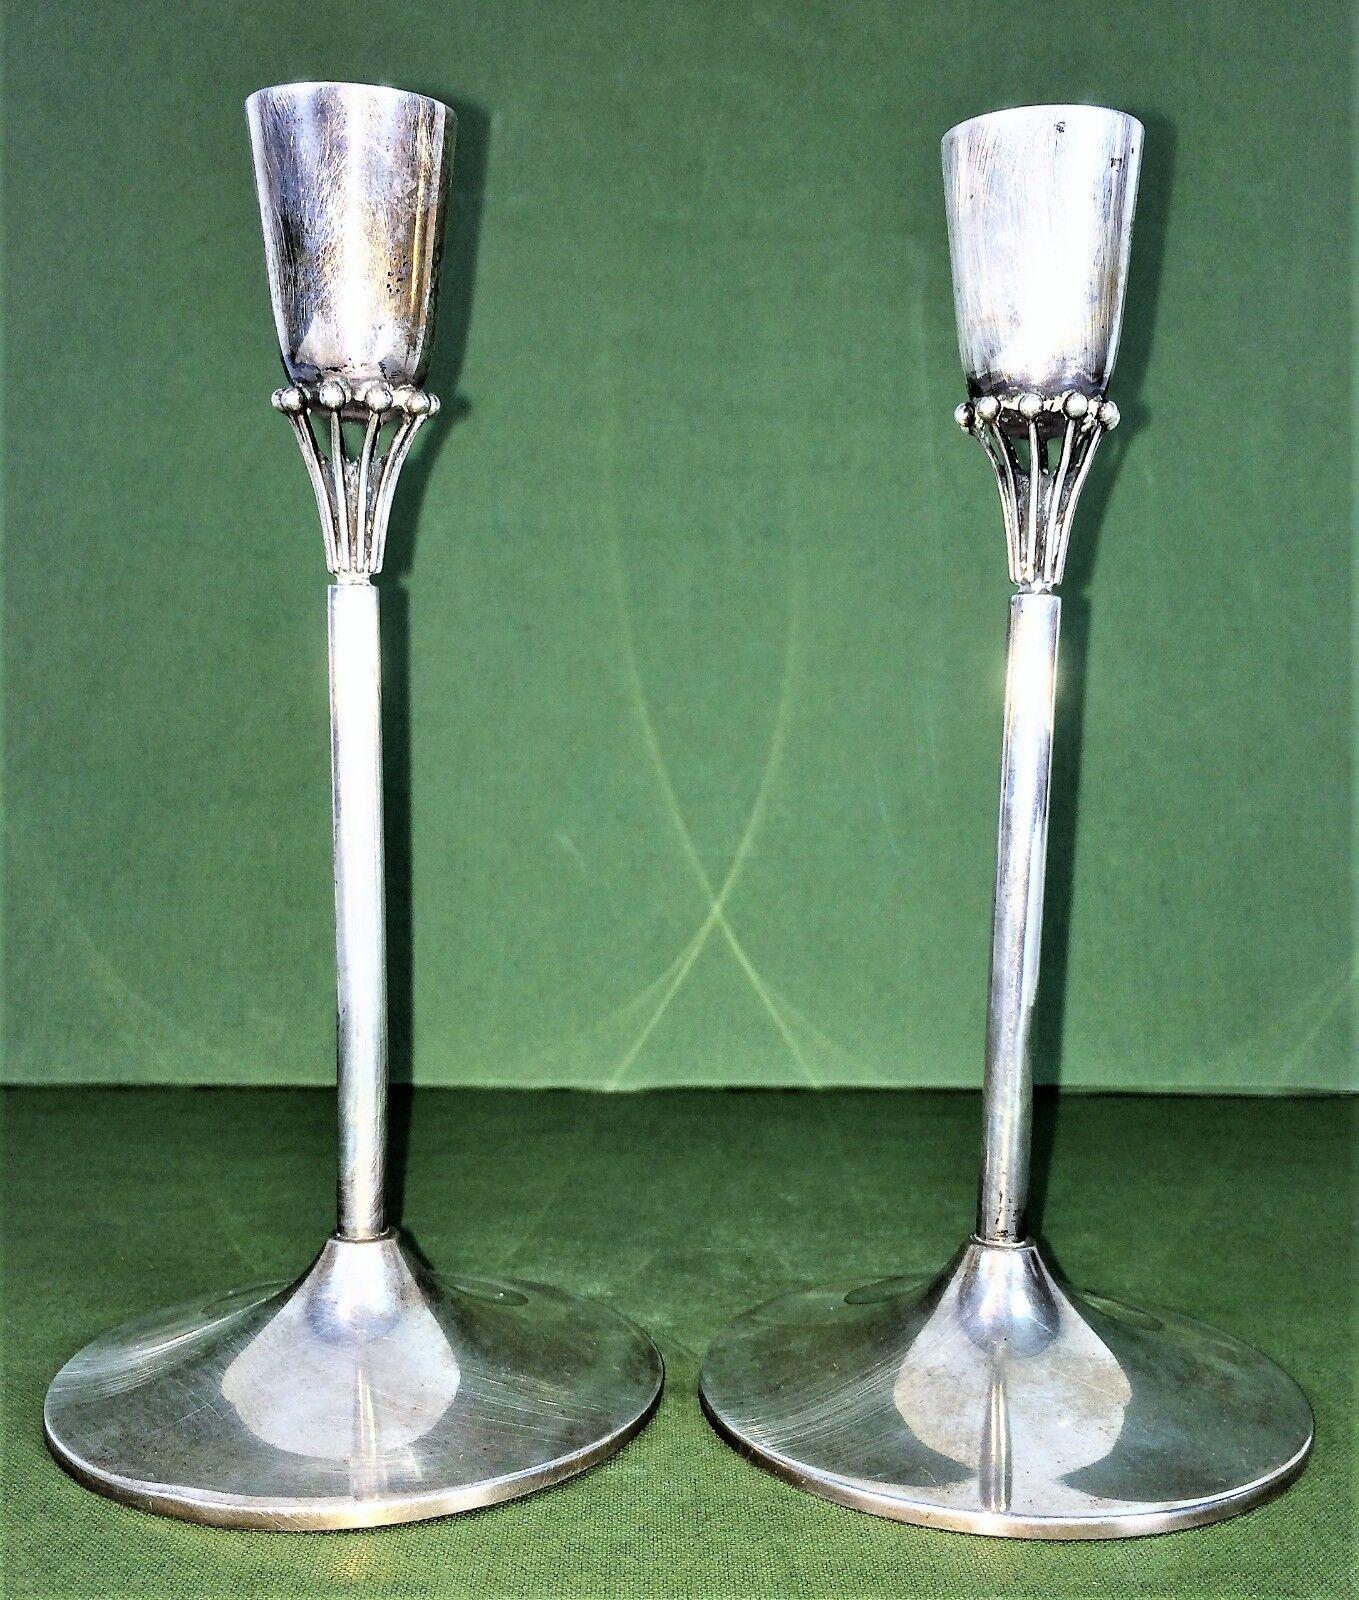 COUPLE DE CHANDELIERS. Silber 900 1000. POINÇONNÉ. ART DECO. ESPAGNE. CIRCA 1920